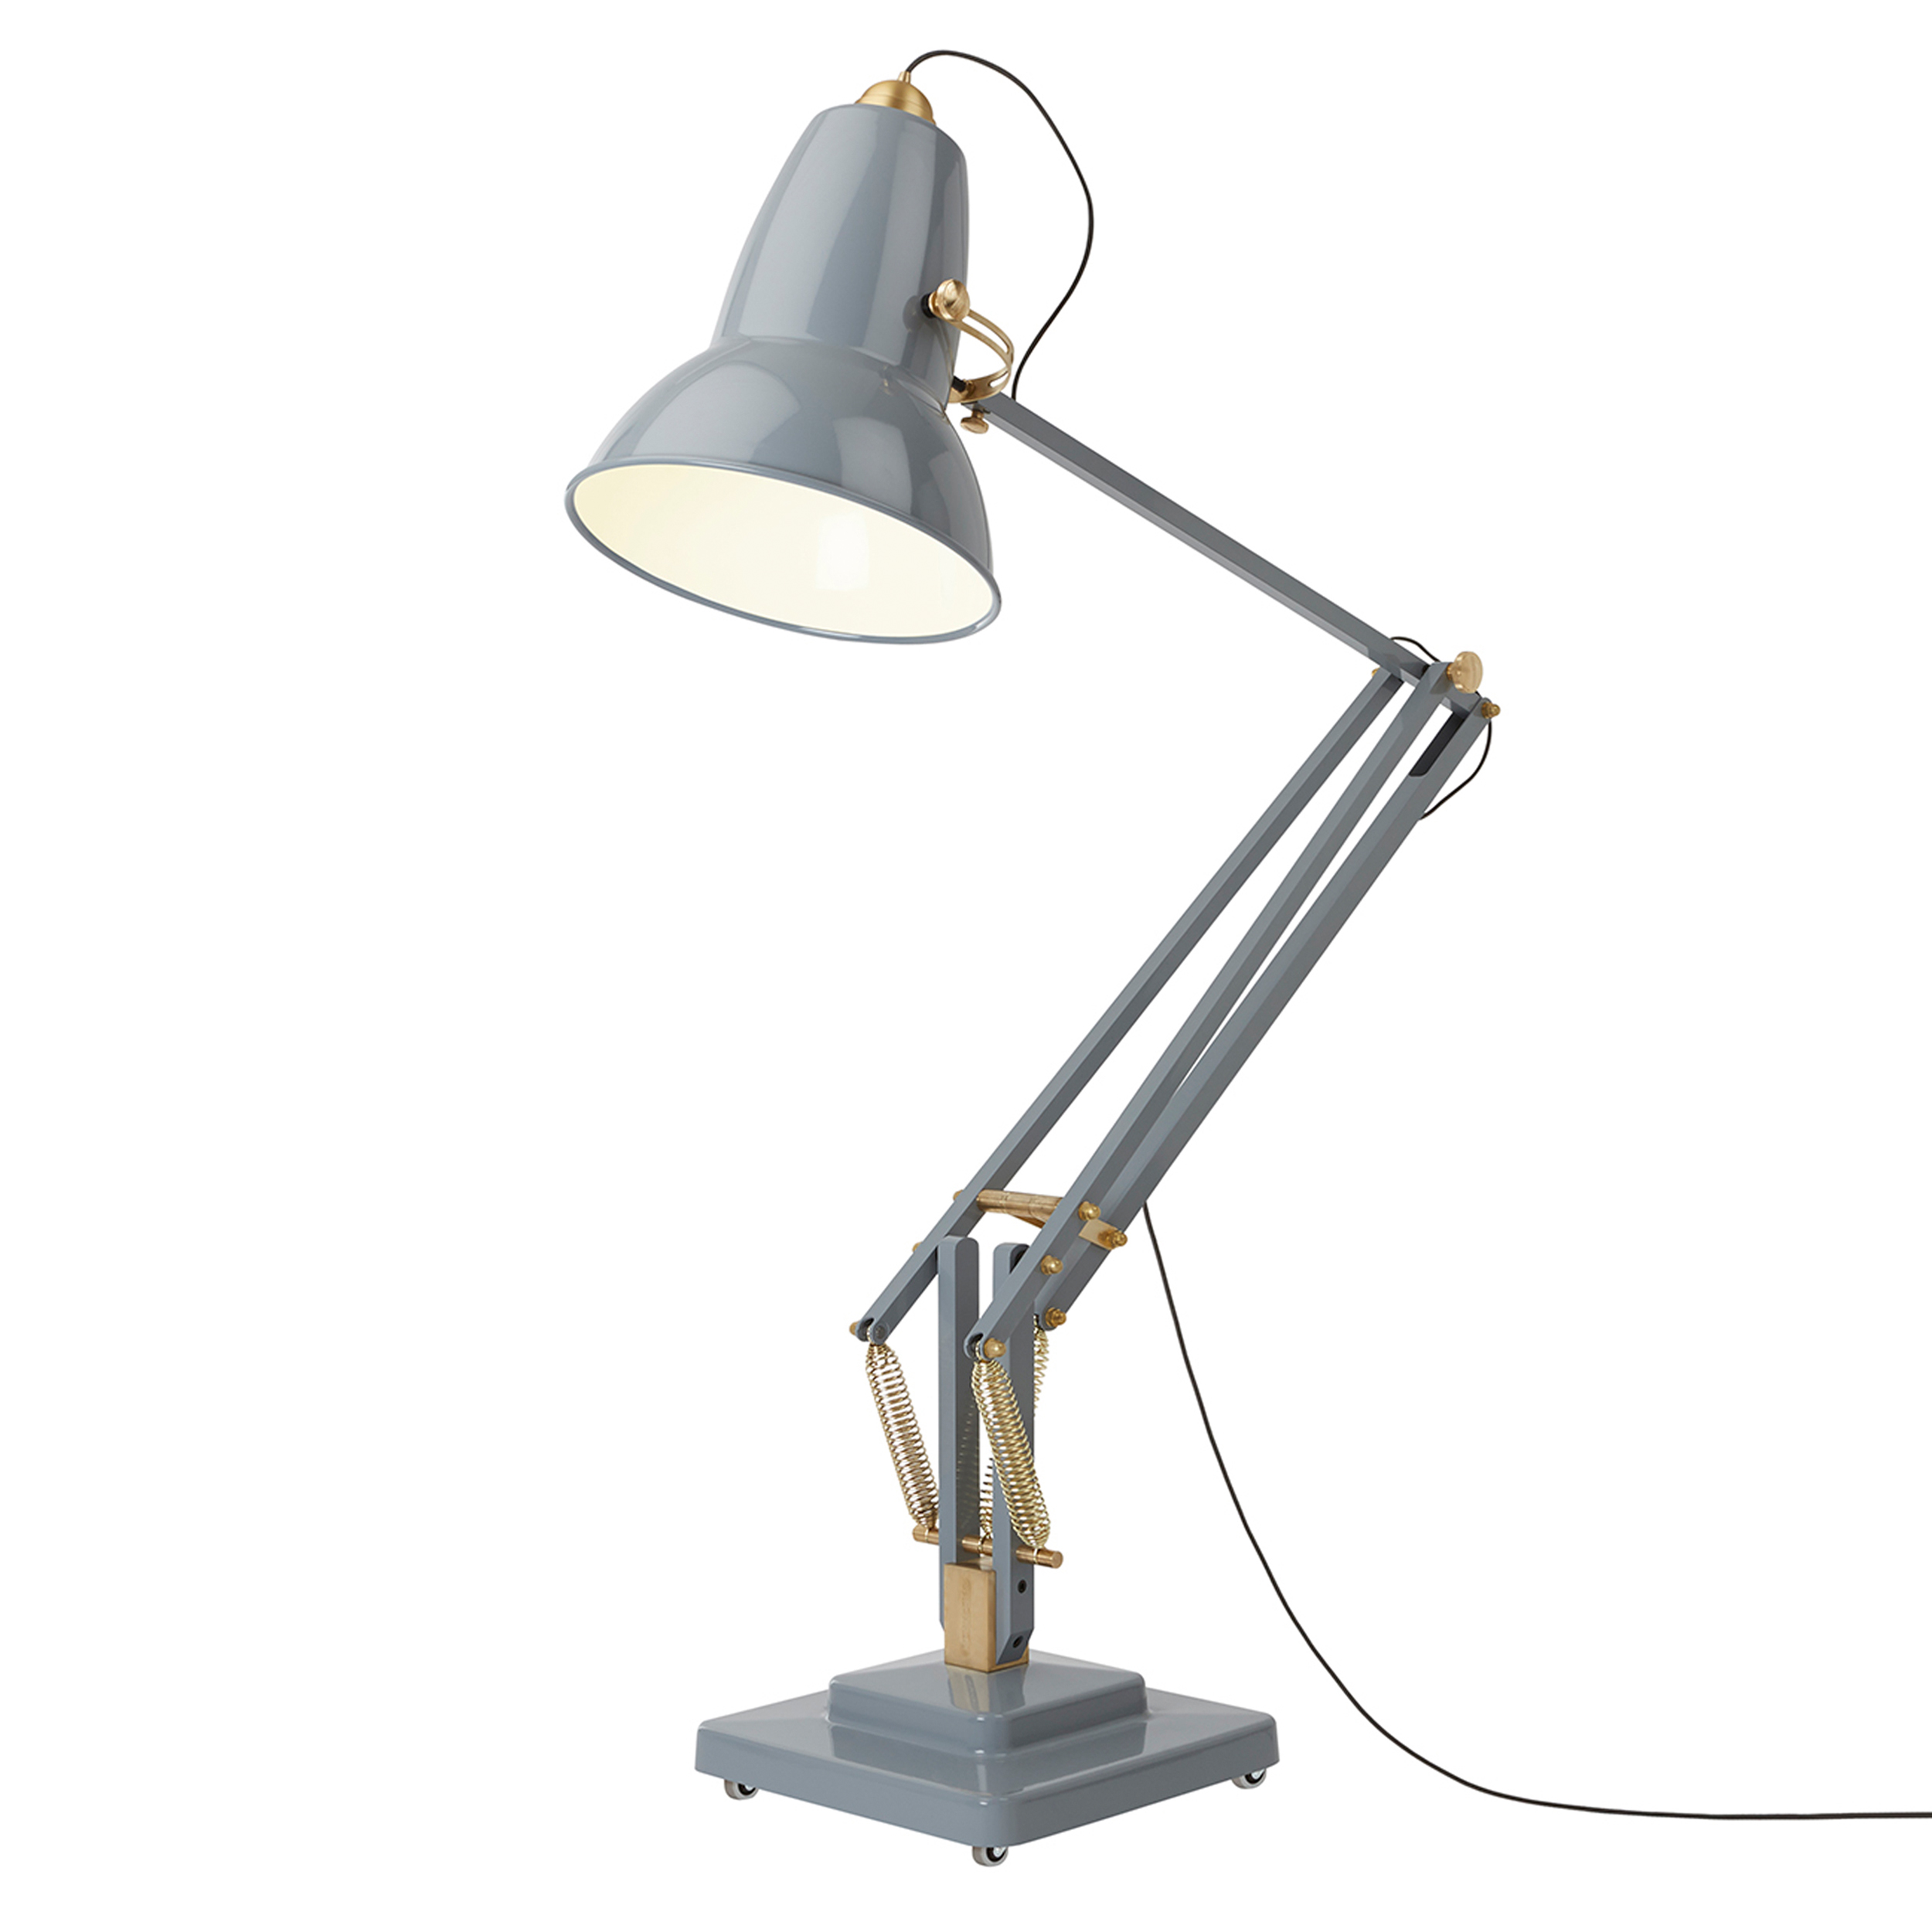 Buy Brass Floor Lamp: Buy The Original 1227 Brass Giant Floor Lamp